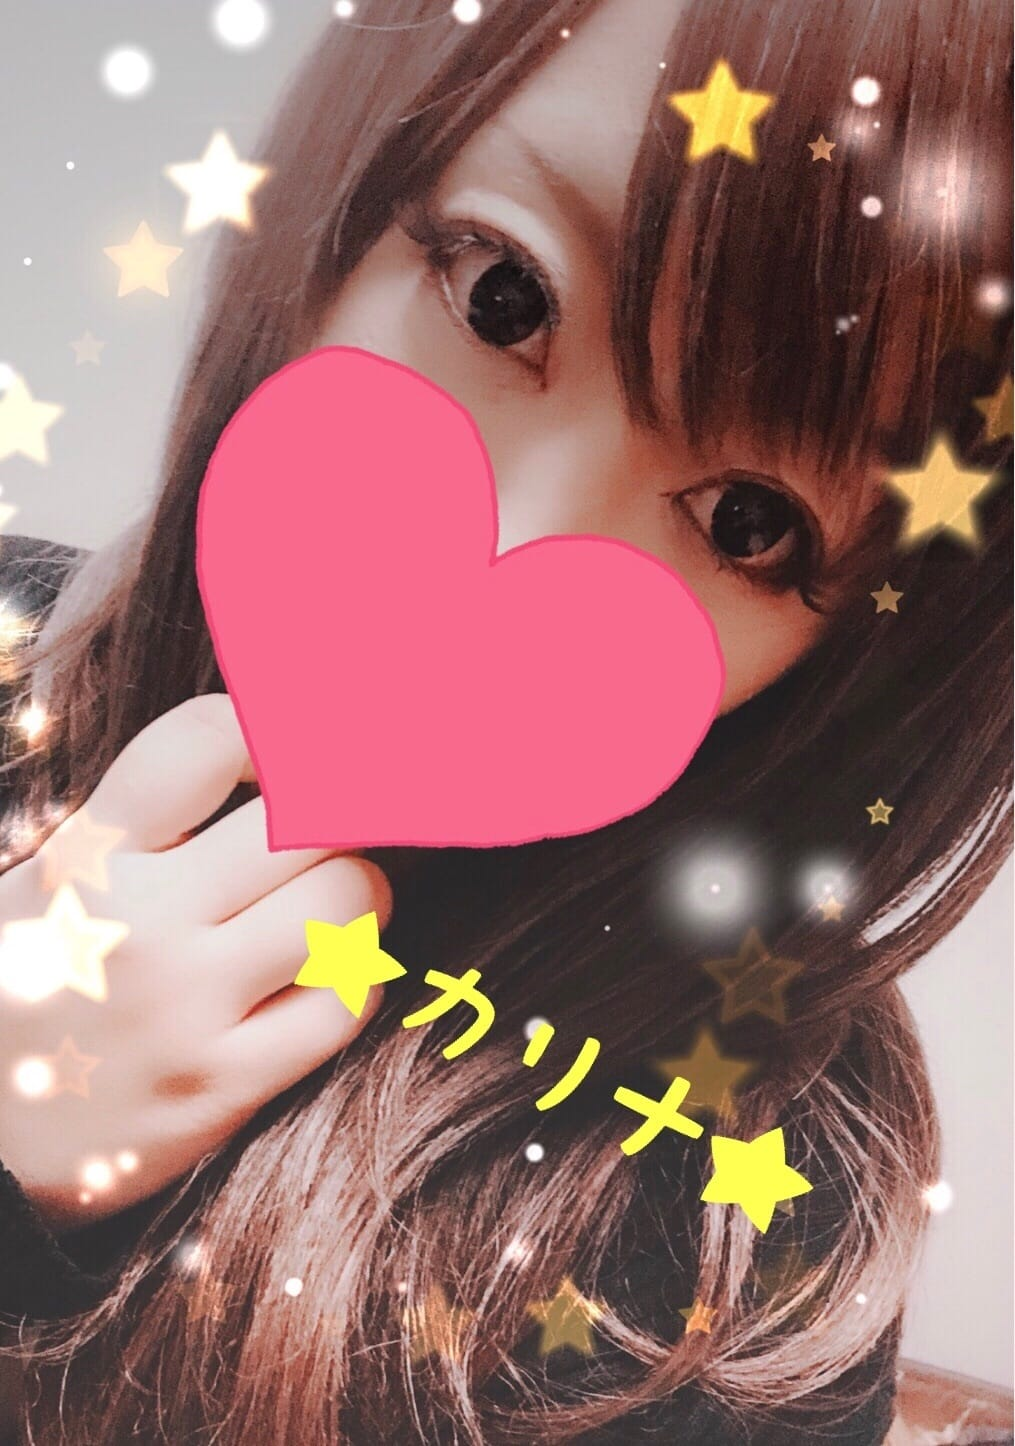 「★深夜ですが!!★」04/27(金) 02:00 | ❤カリナ❤新人❤4/20デビューの写メ・風俗動画